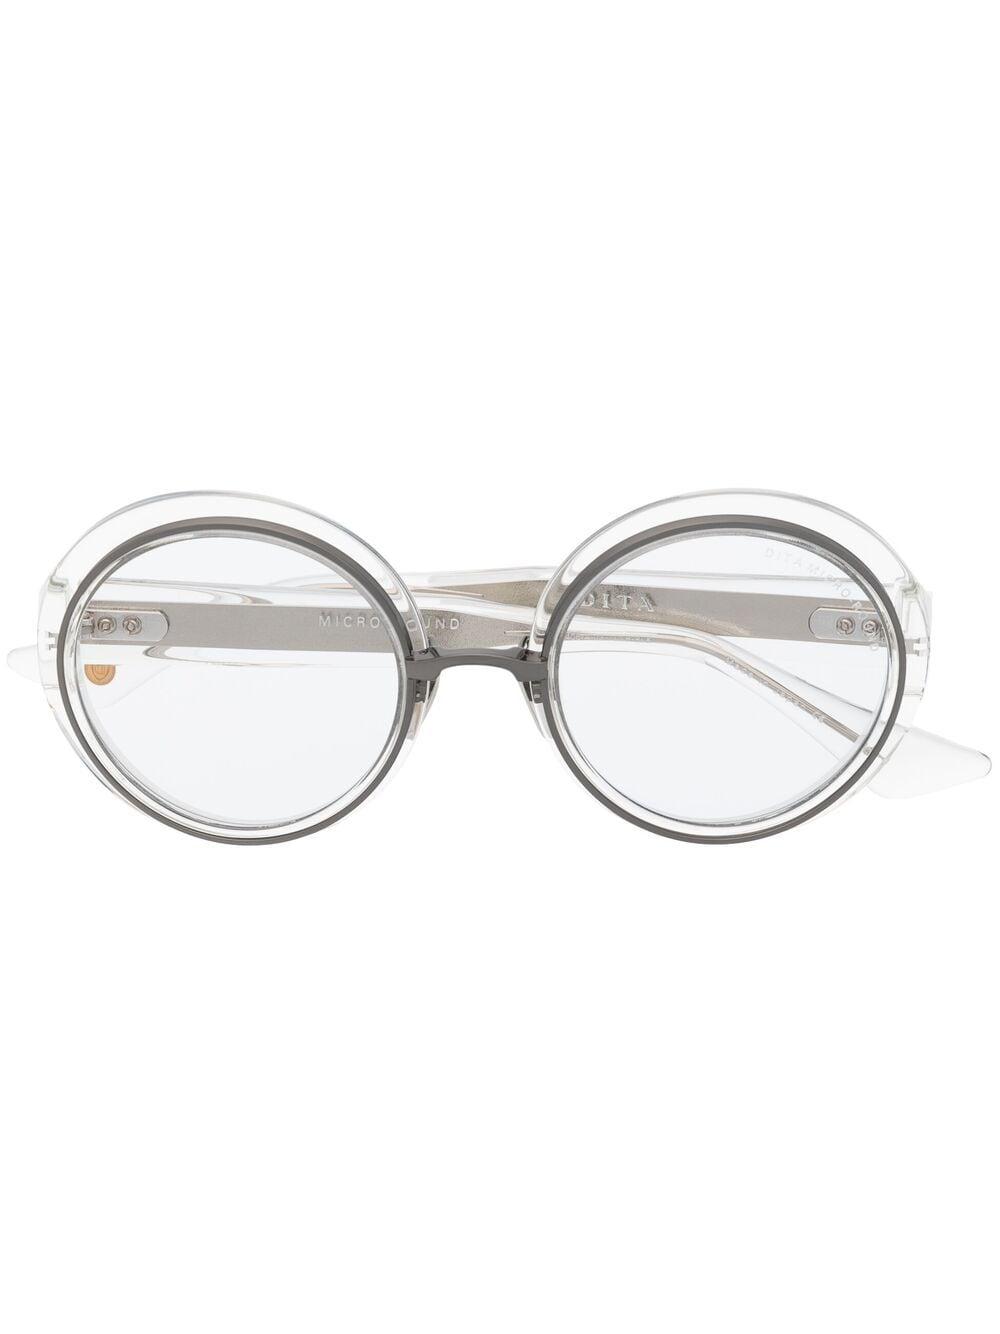 Dita Eyewear Sonnenbrille mit rundem Gestell - Nude